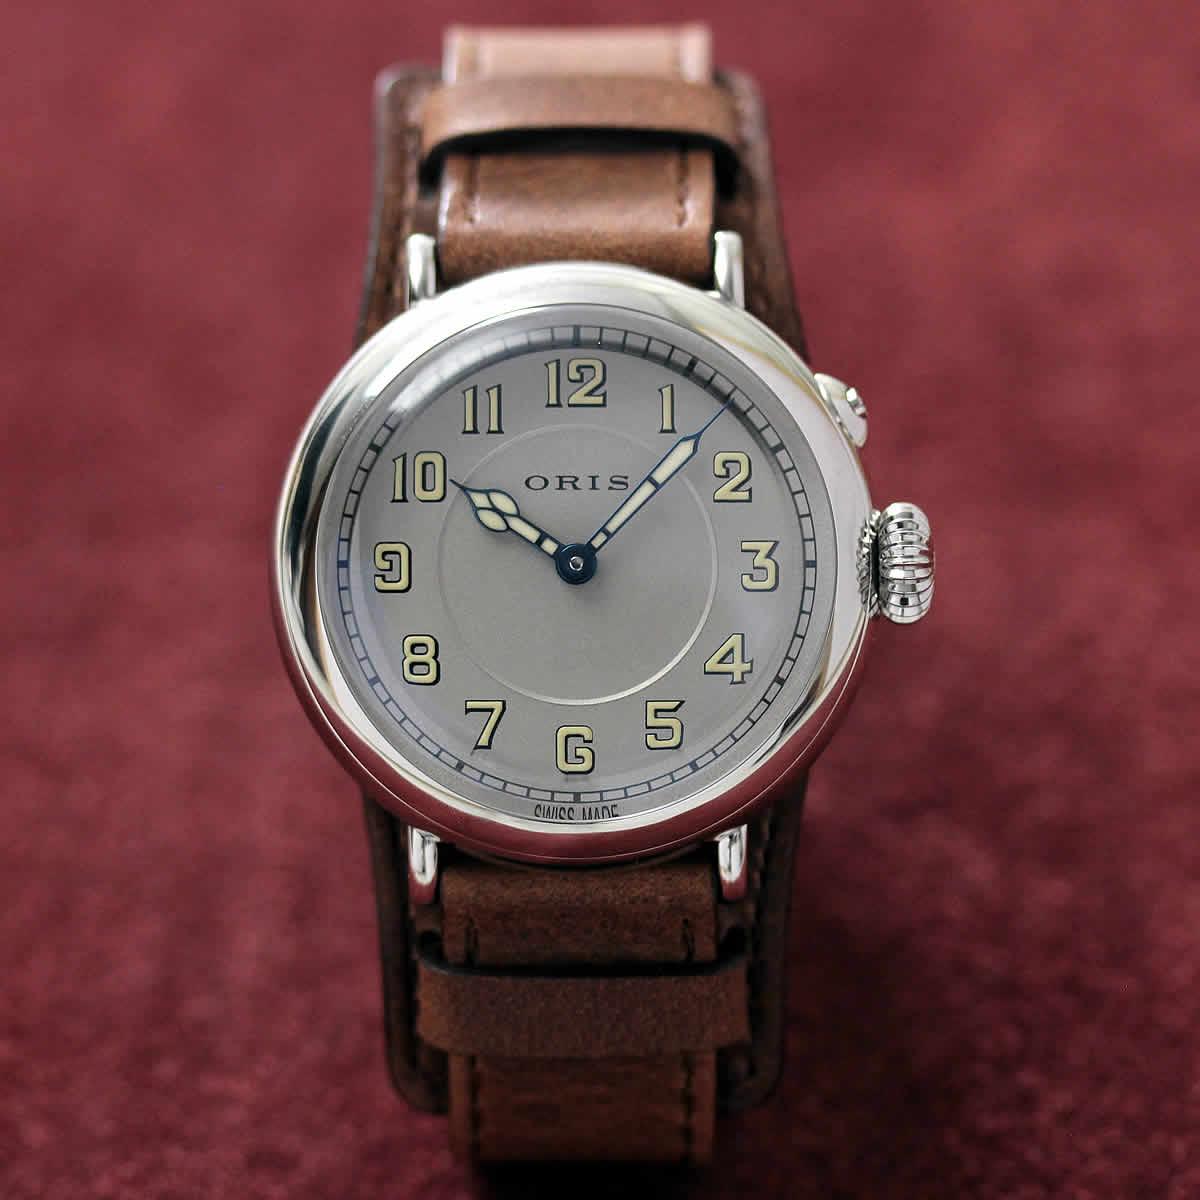 オリス ORIS ビッグブラウン 腕時計 パイロットウォッチ